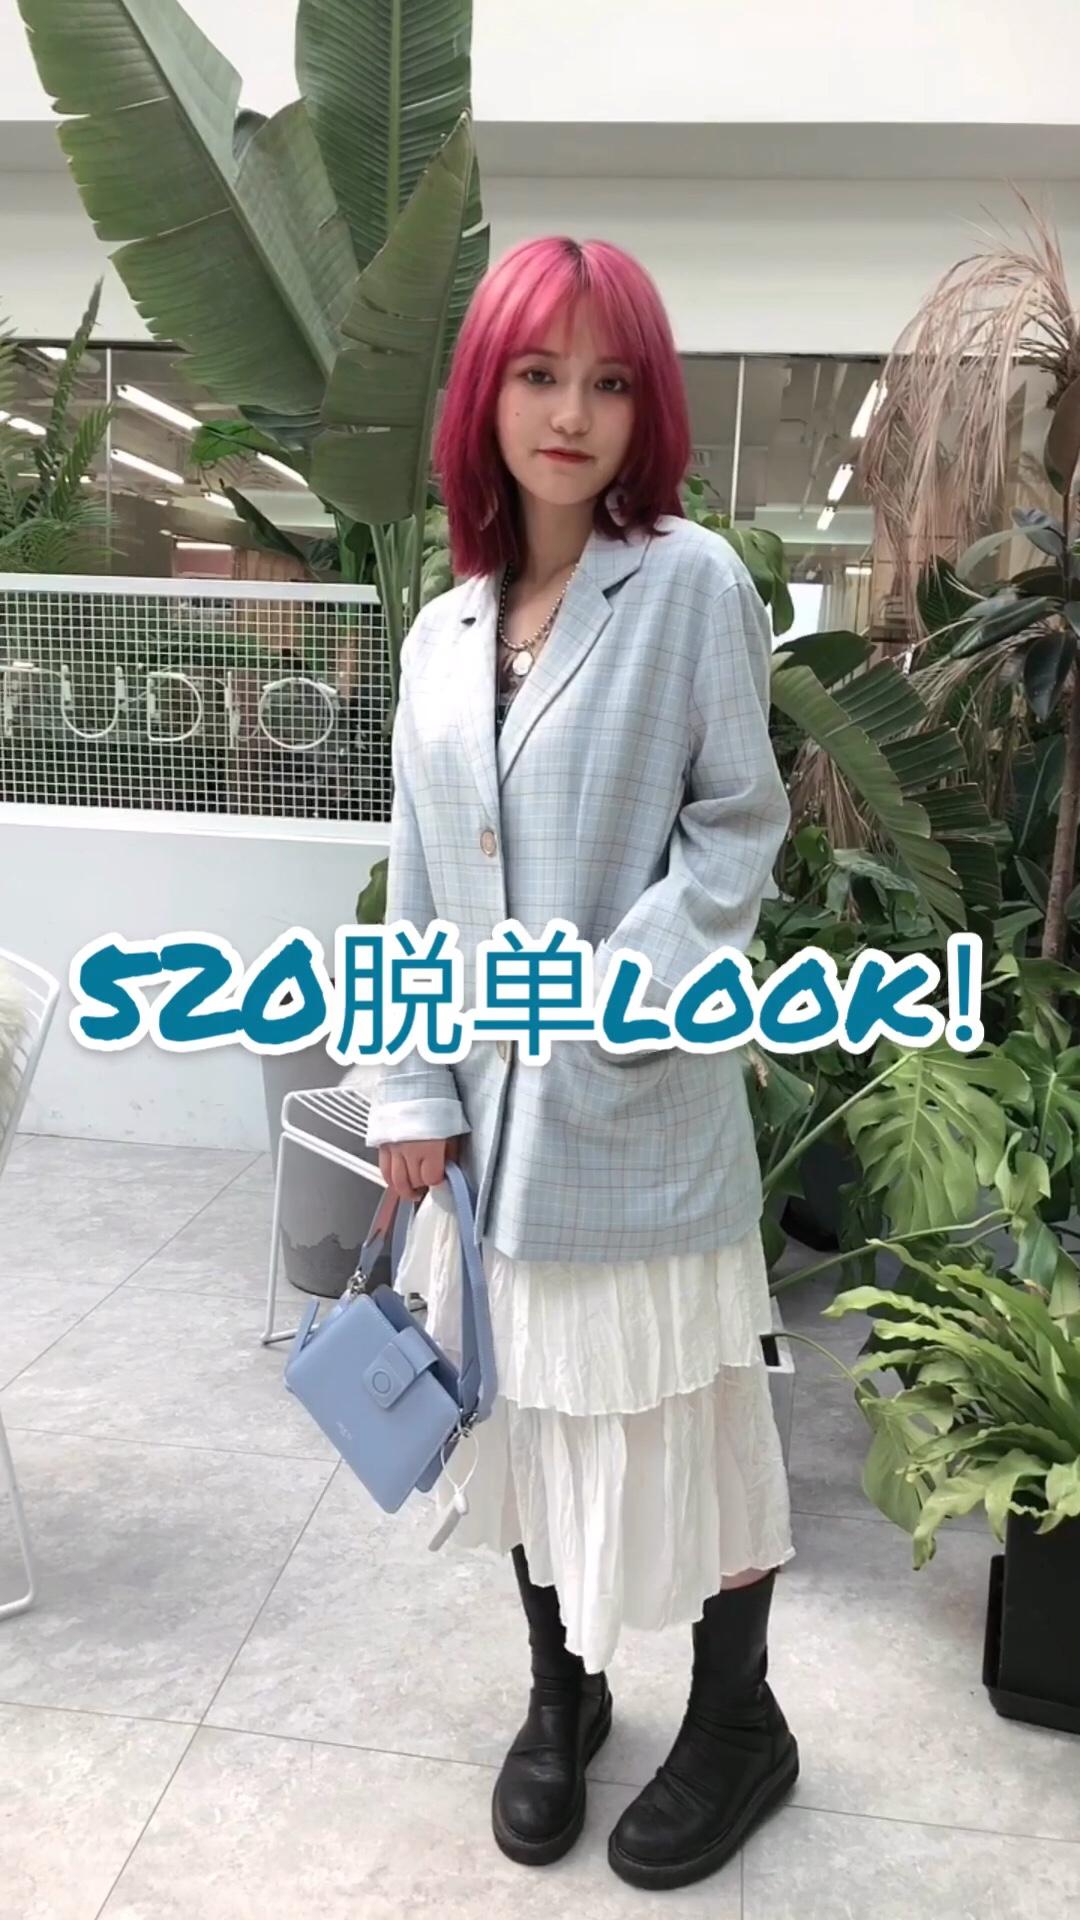 #520,甜甜的恋爱要来了!# 浅蓝色的小西装温柔得不行 搭配白色的蛋糕裙完美显瘦 同样马卡龙色系的蓝色包包搭配很和谐啦~ 赶快出门约会吧